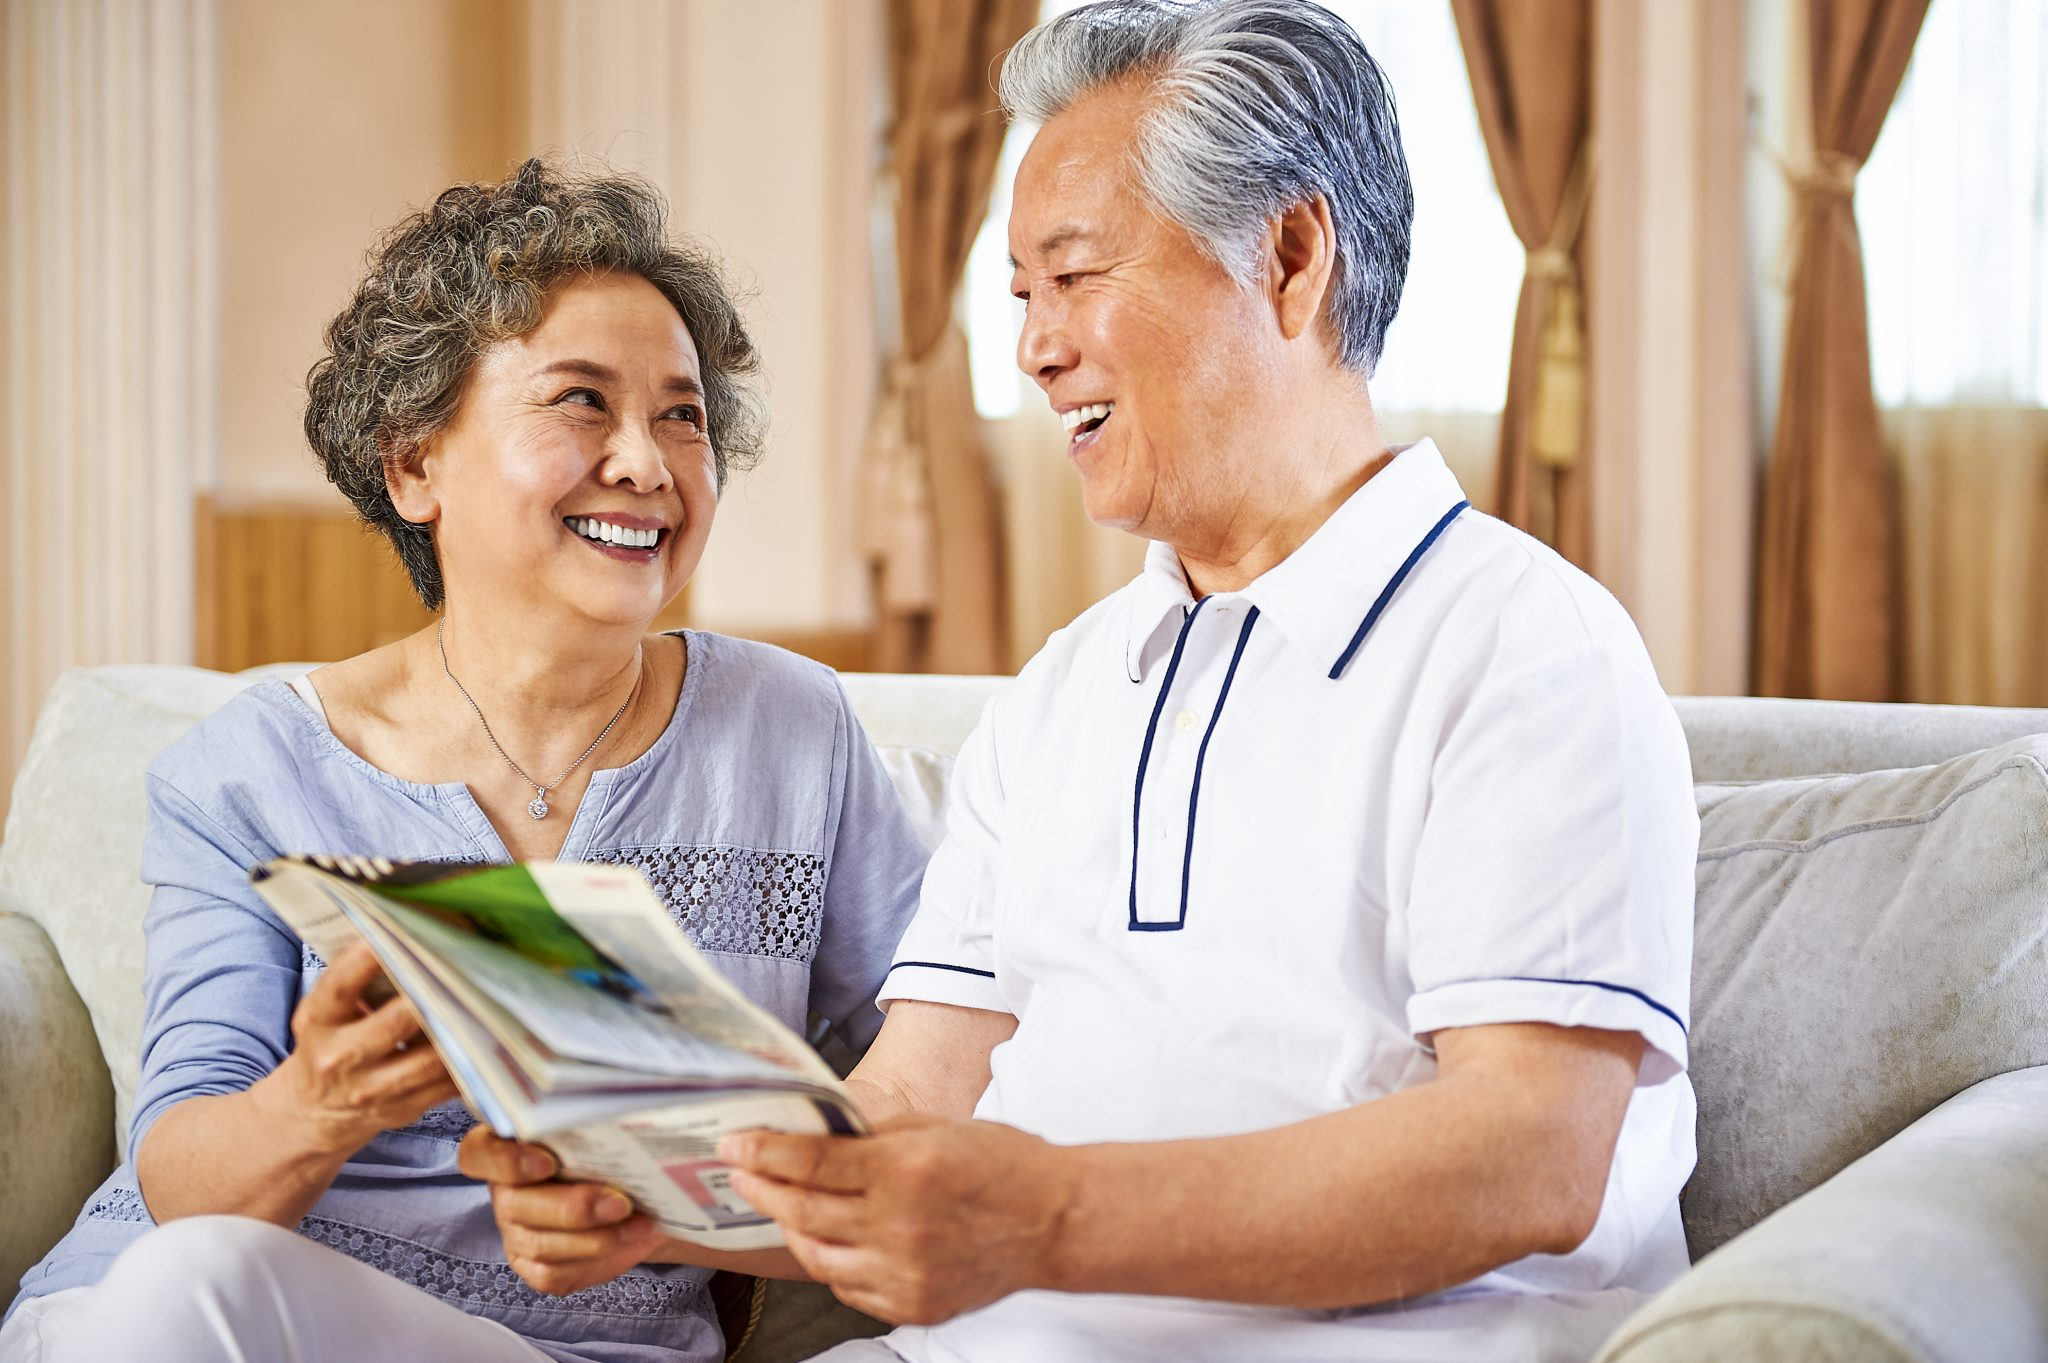 Trồng răng Implant giúp phục hồi khả năng ăn nhai và tính thẩm mỹ cao - Nha Khoa KIM